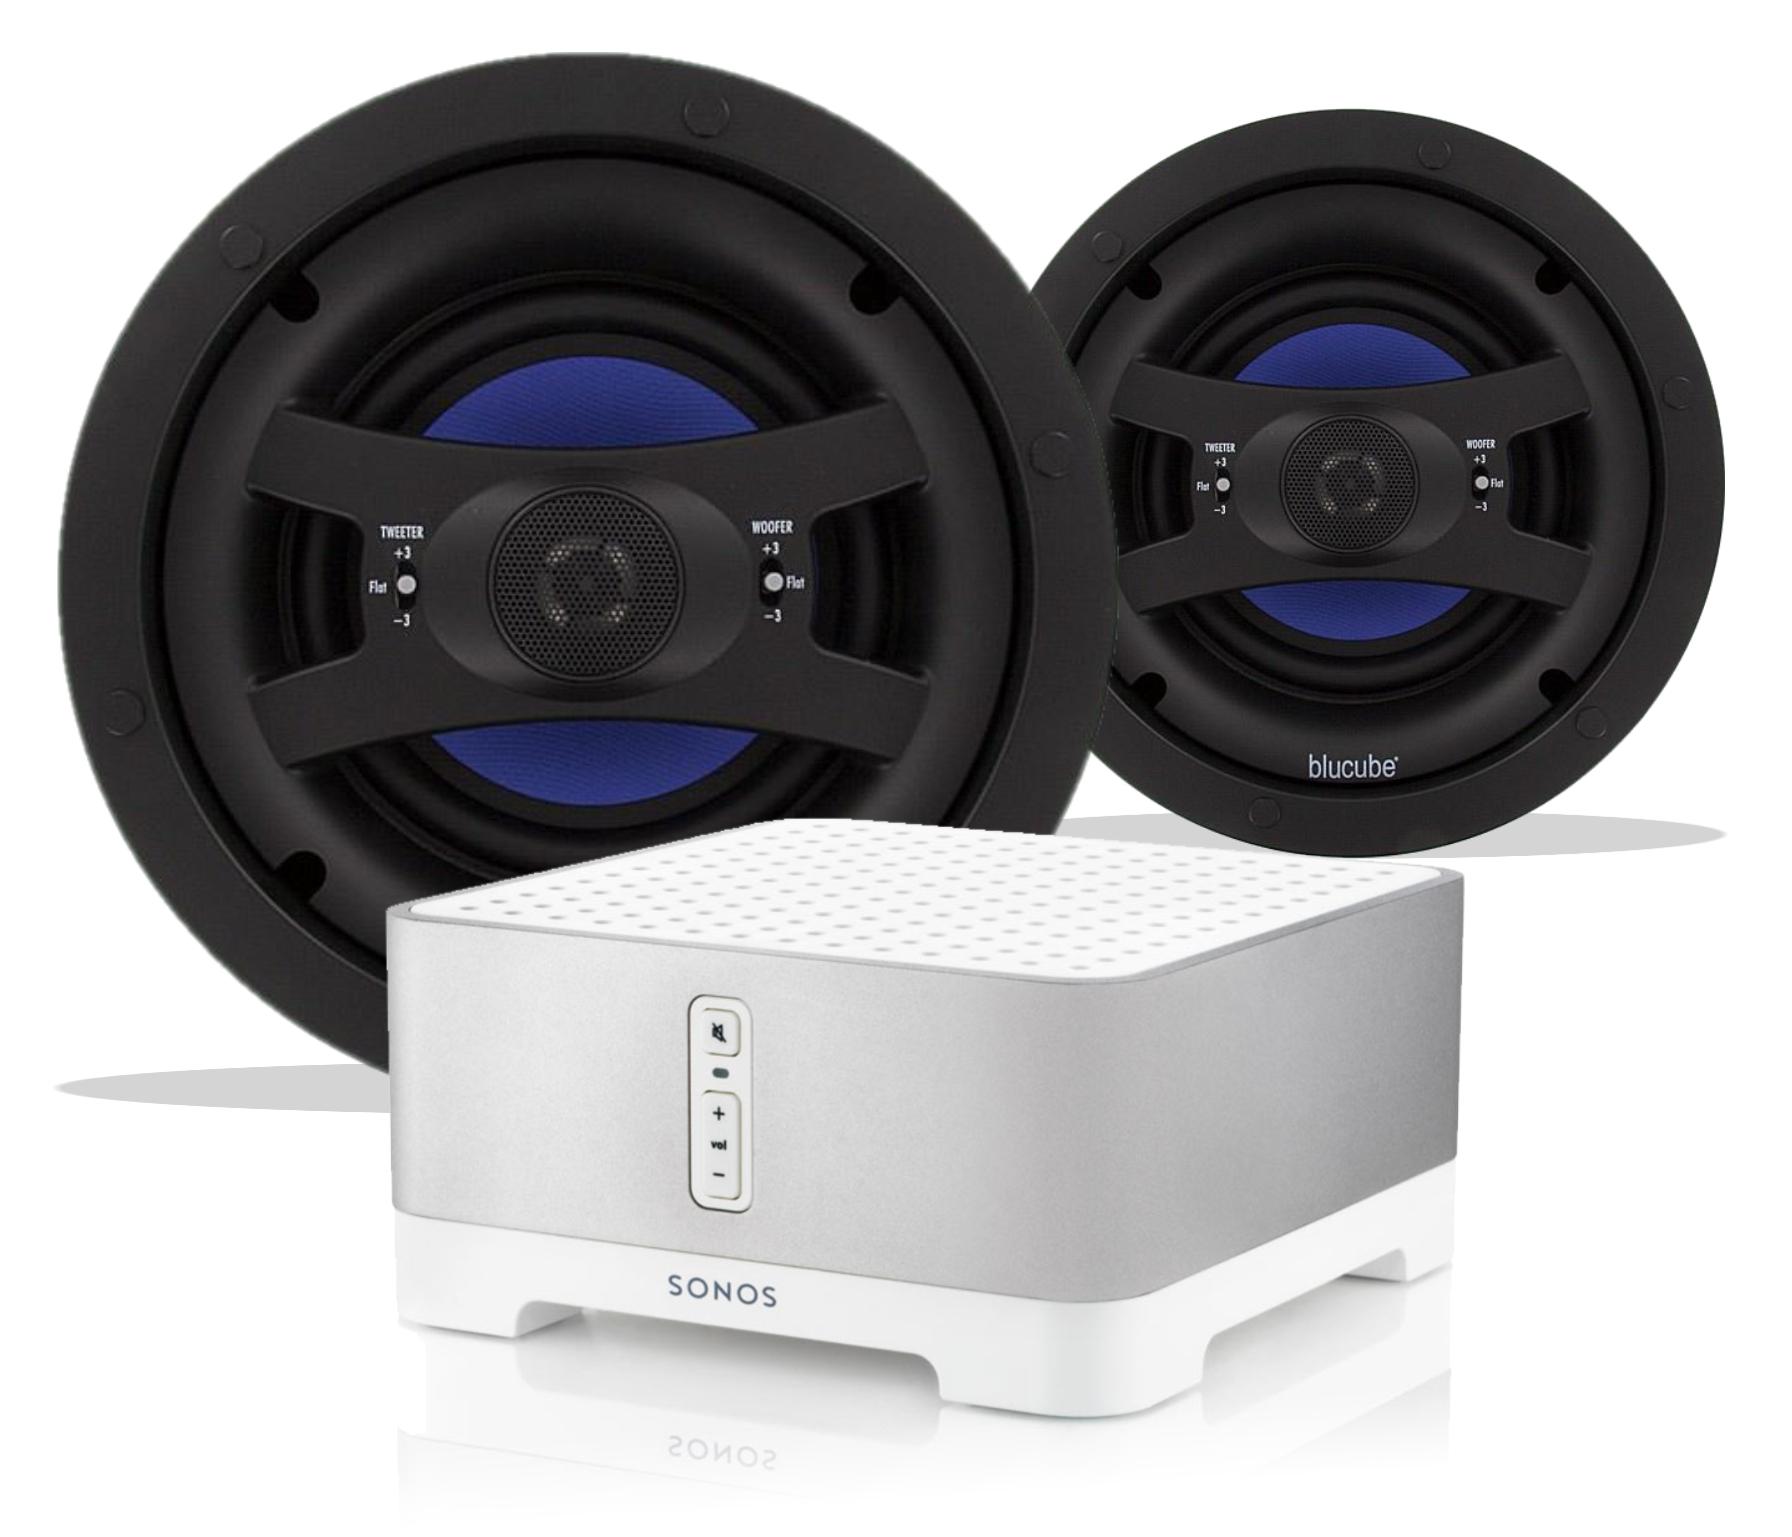 Sonos Connect Amp Blucube Cxcl 800 Ceiling Speaker Bundle